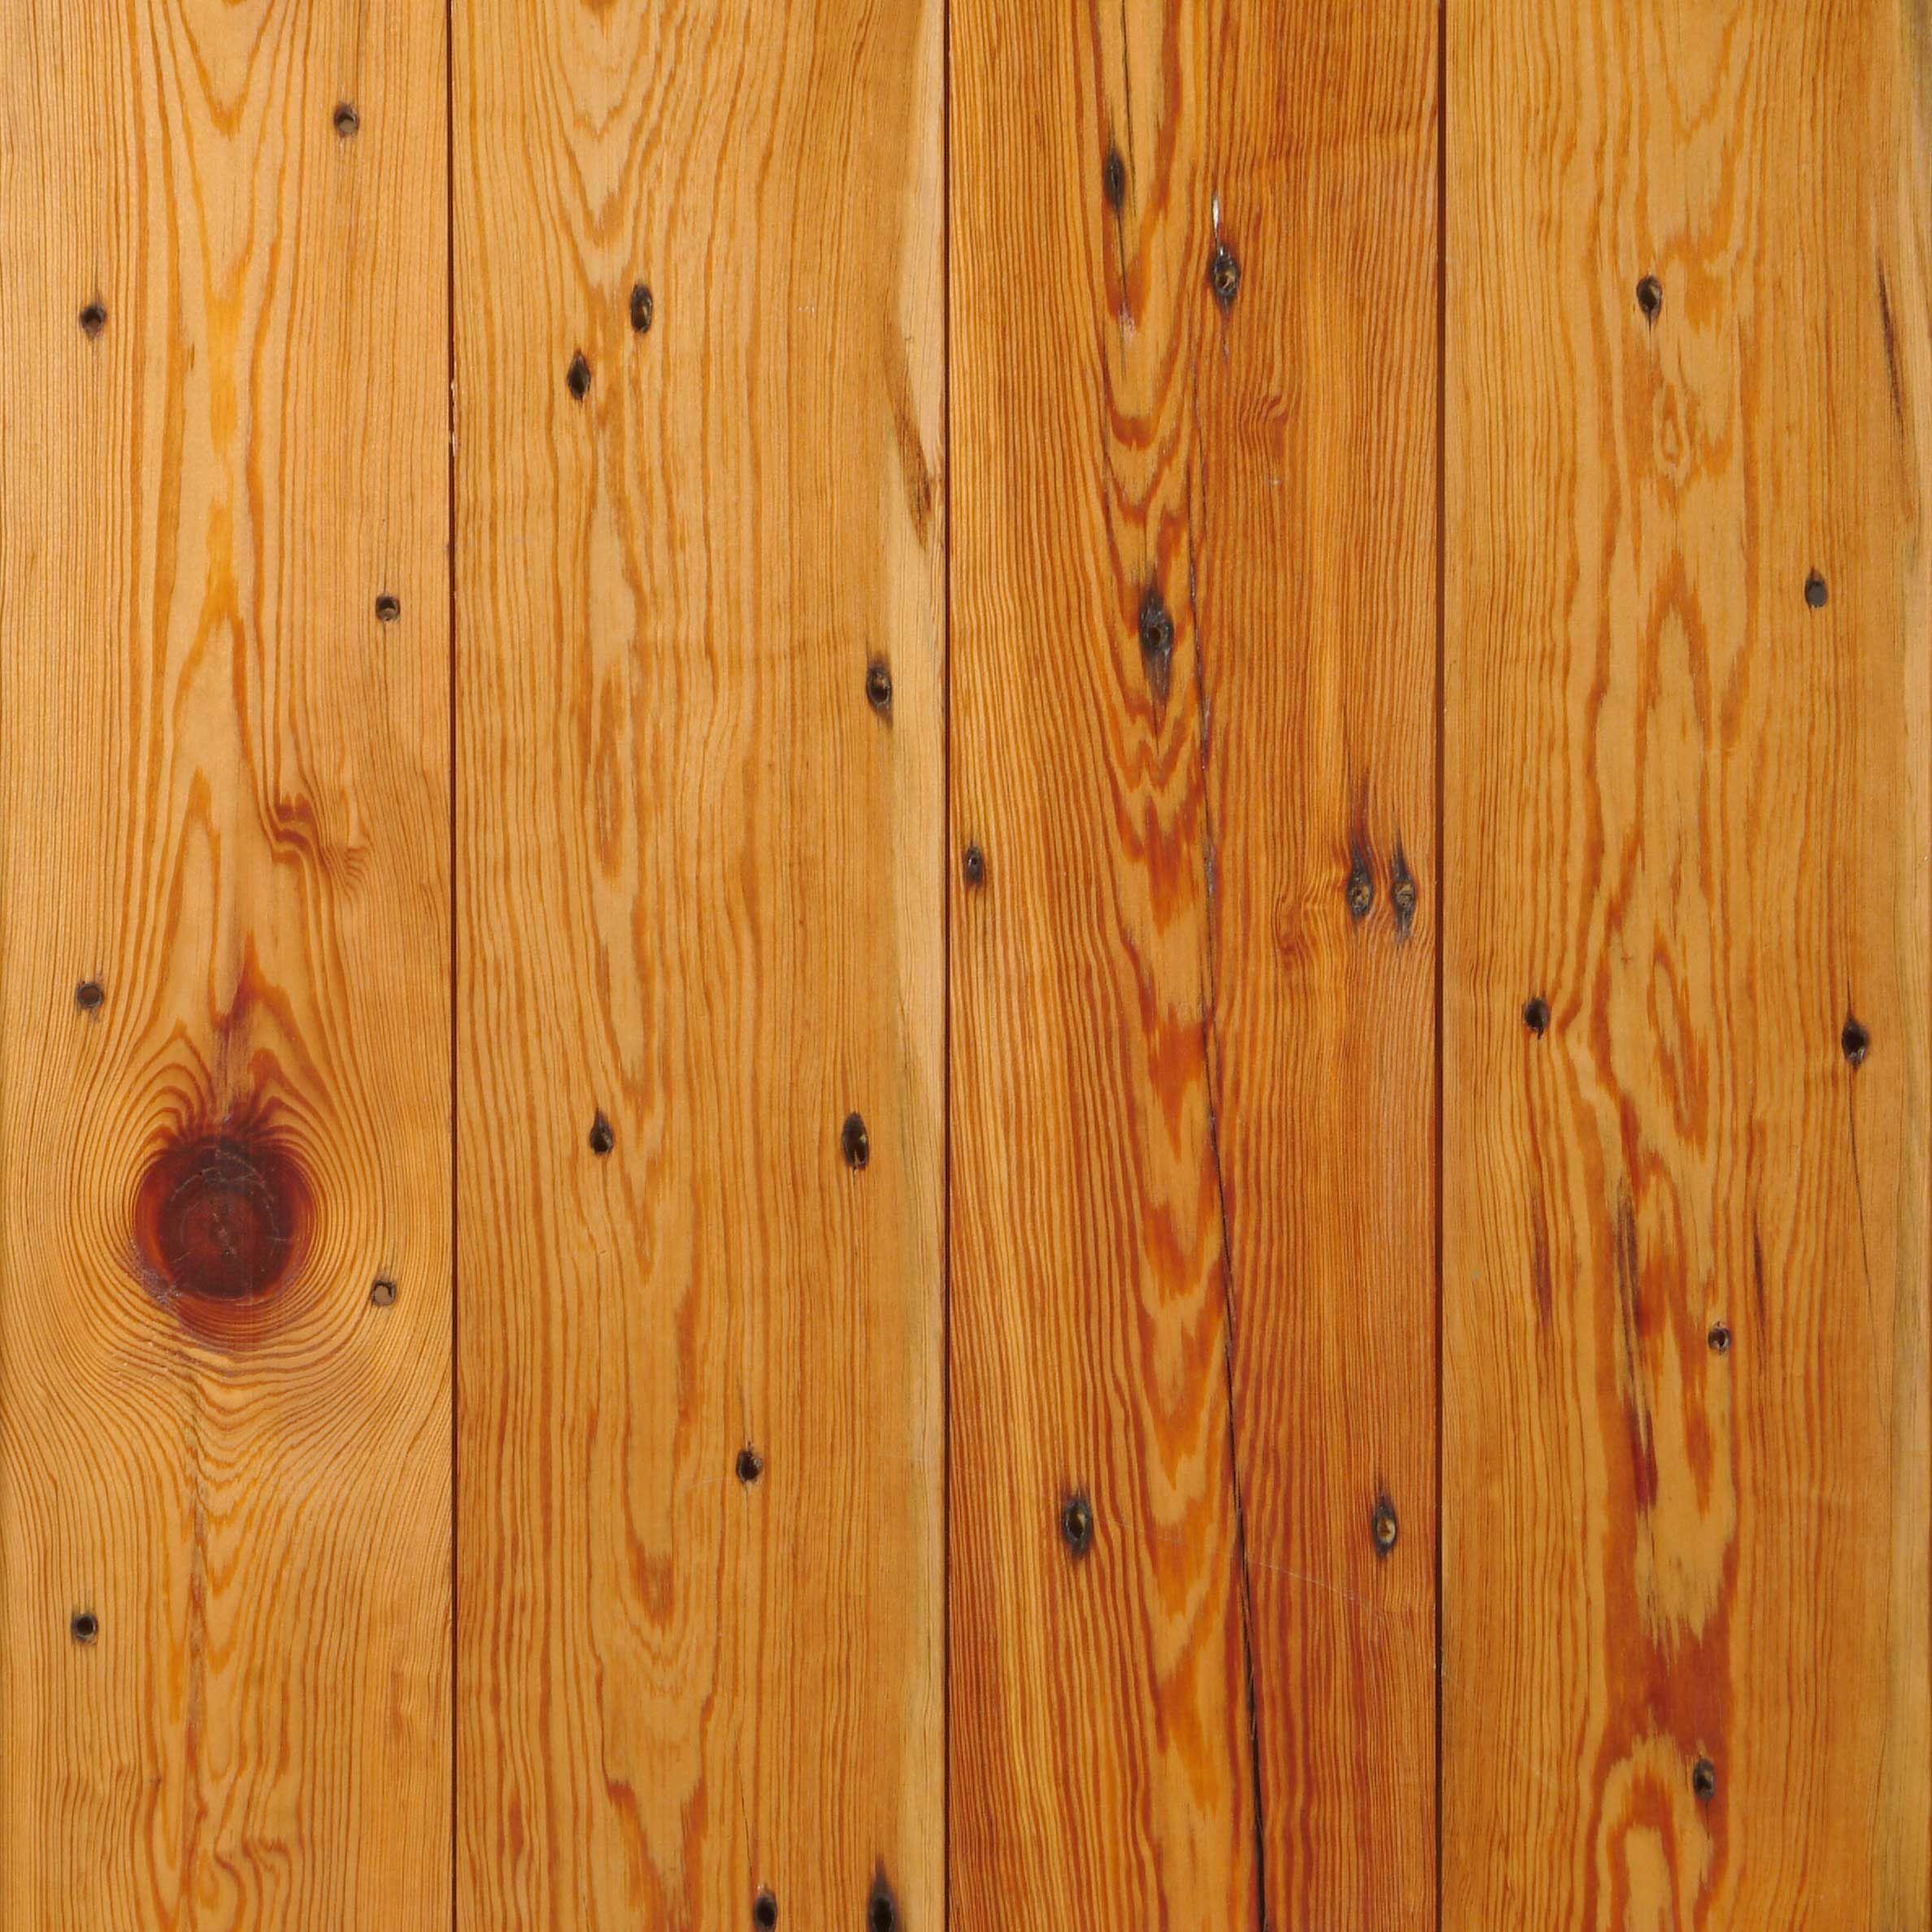 Longleaf Lumber reclaimed Naily Buckshot Heart Pine ...